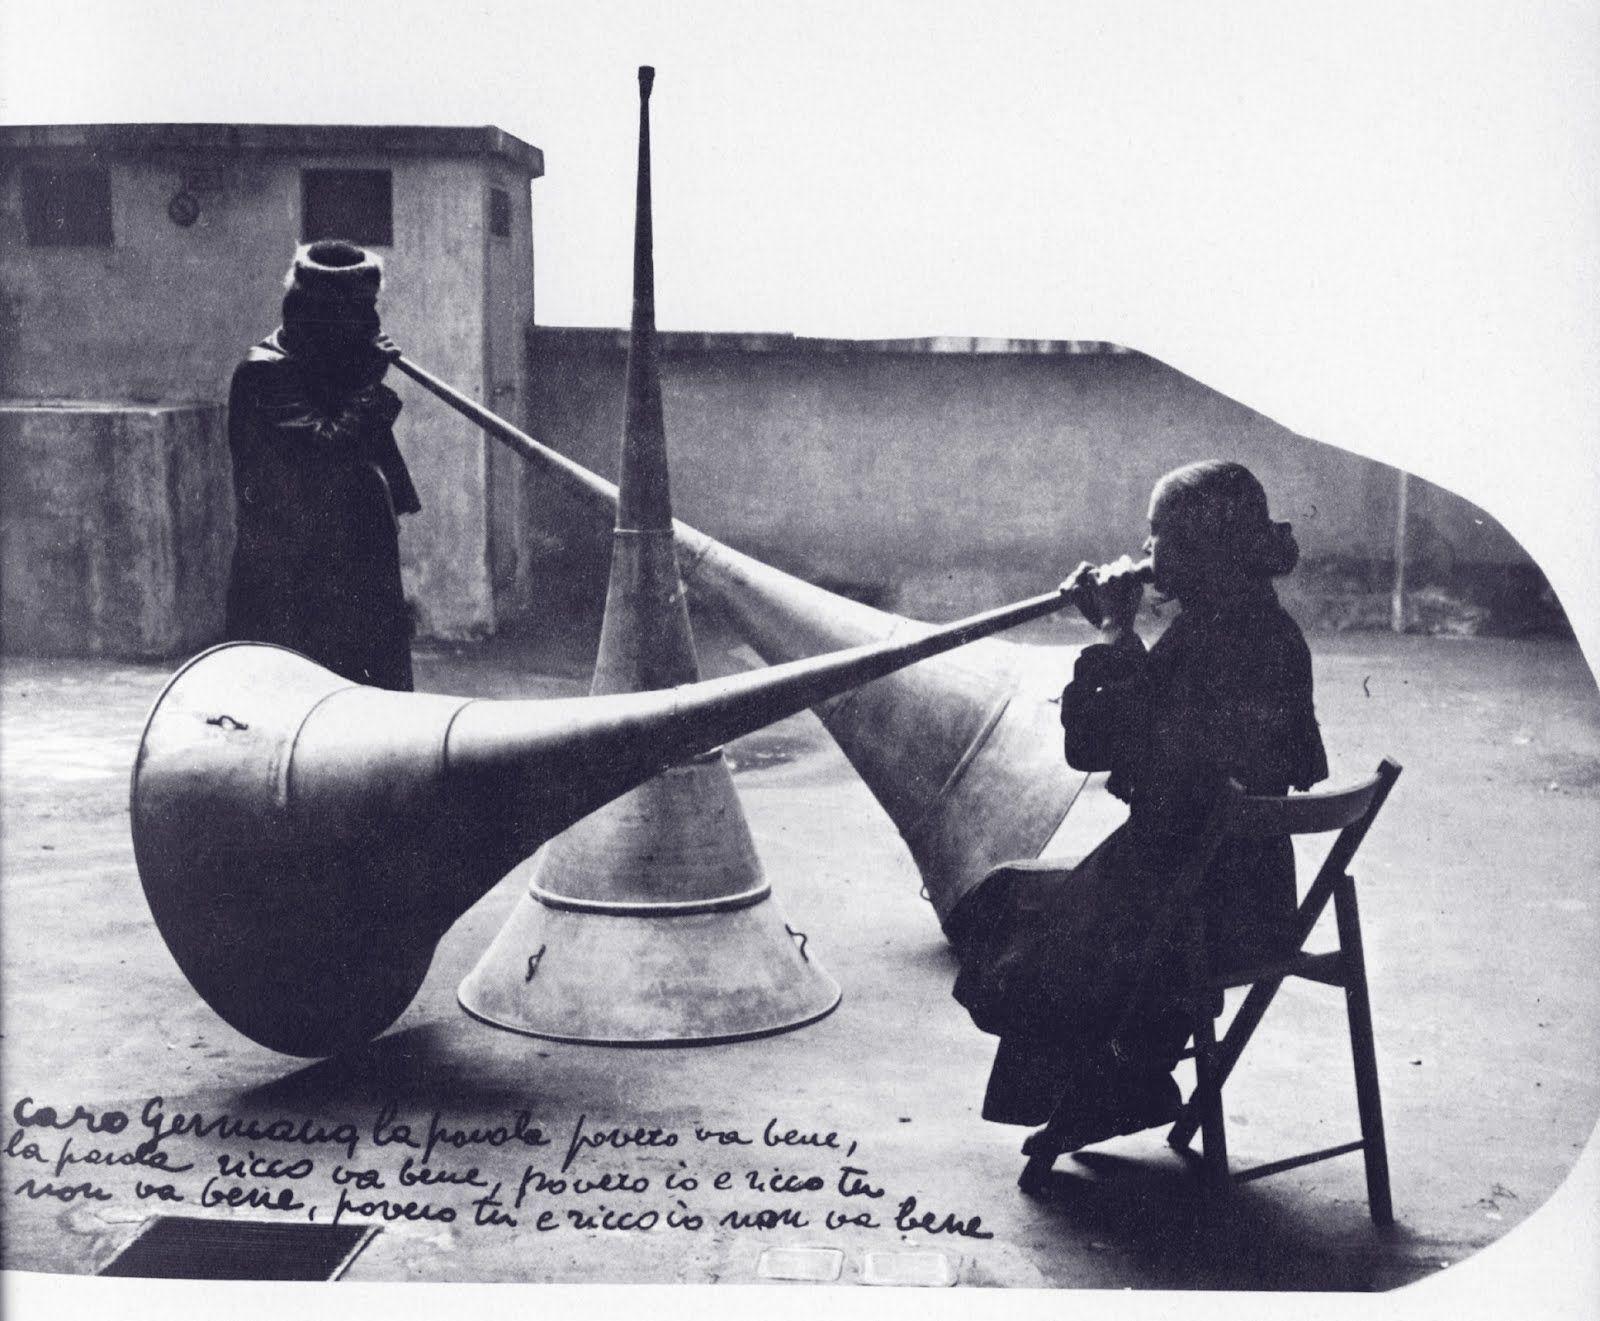 Michelangelo Pistoletto and Maria Poppi. Performance view of Le Trombe del Giudizio, Rome, 1968